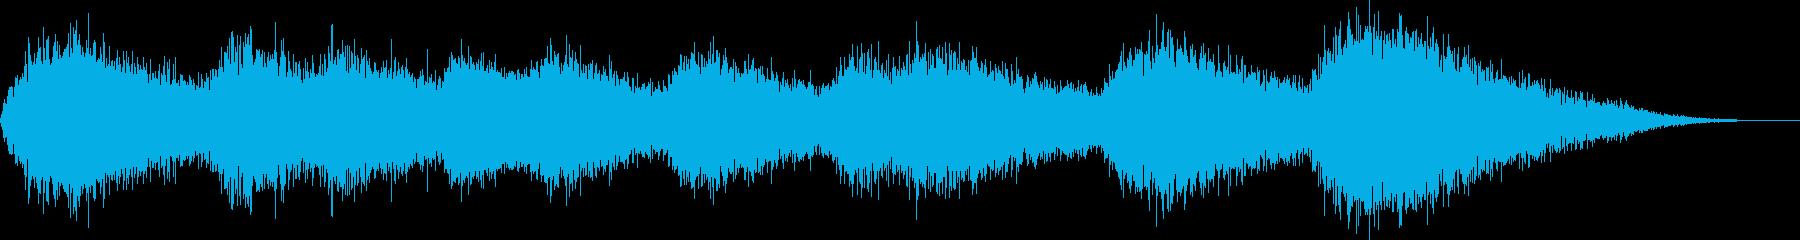 【ダークアンビエント】 シーン 魔界の再生済みの波形